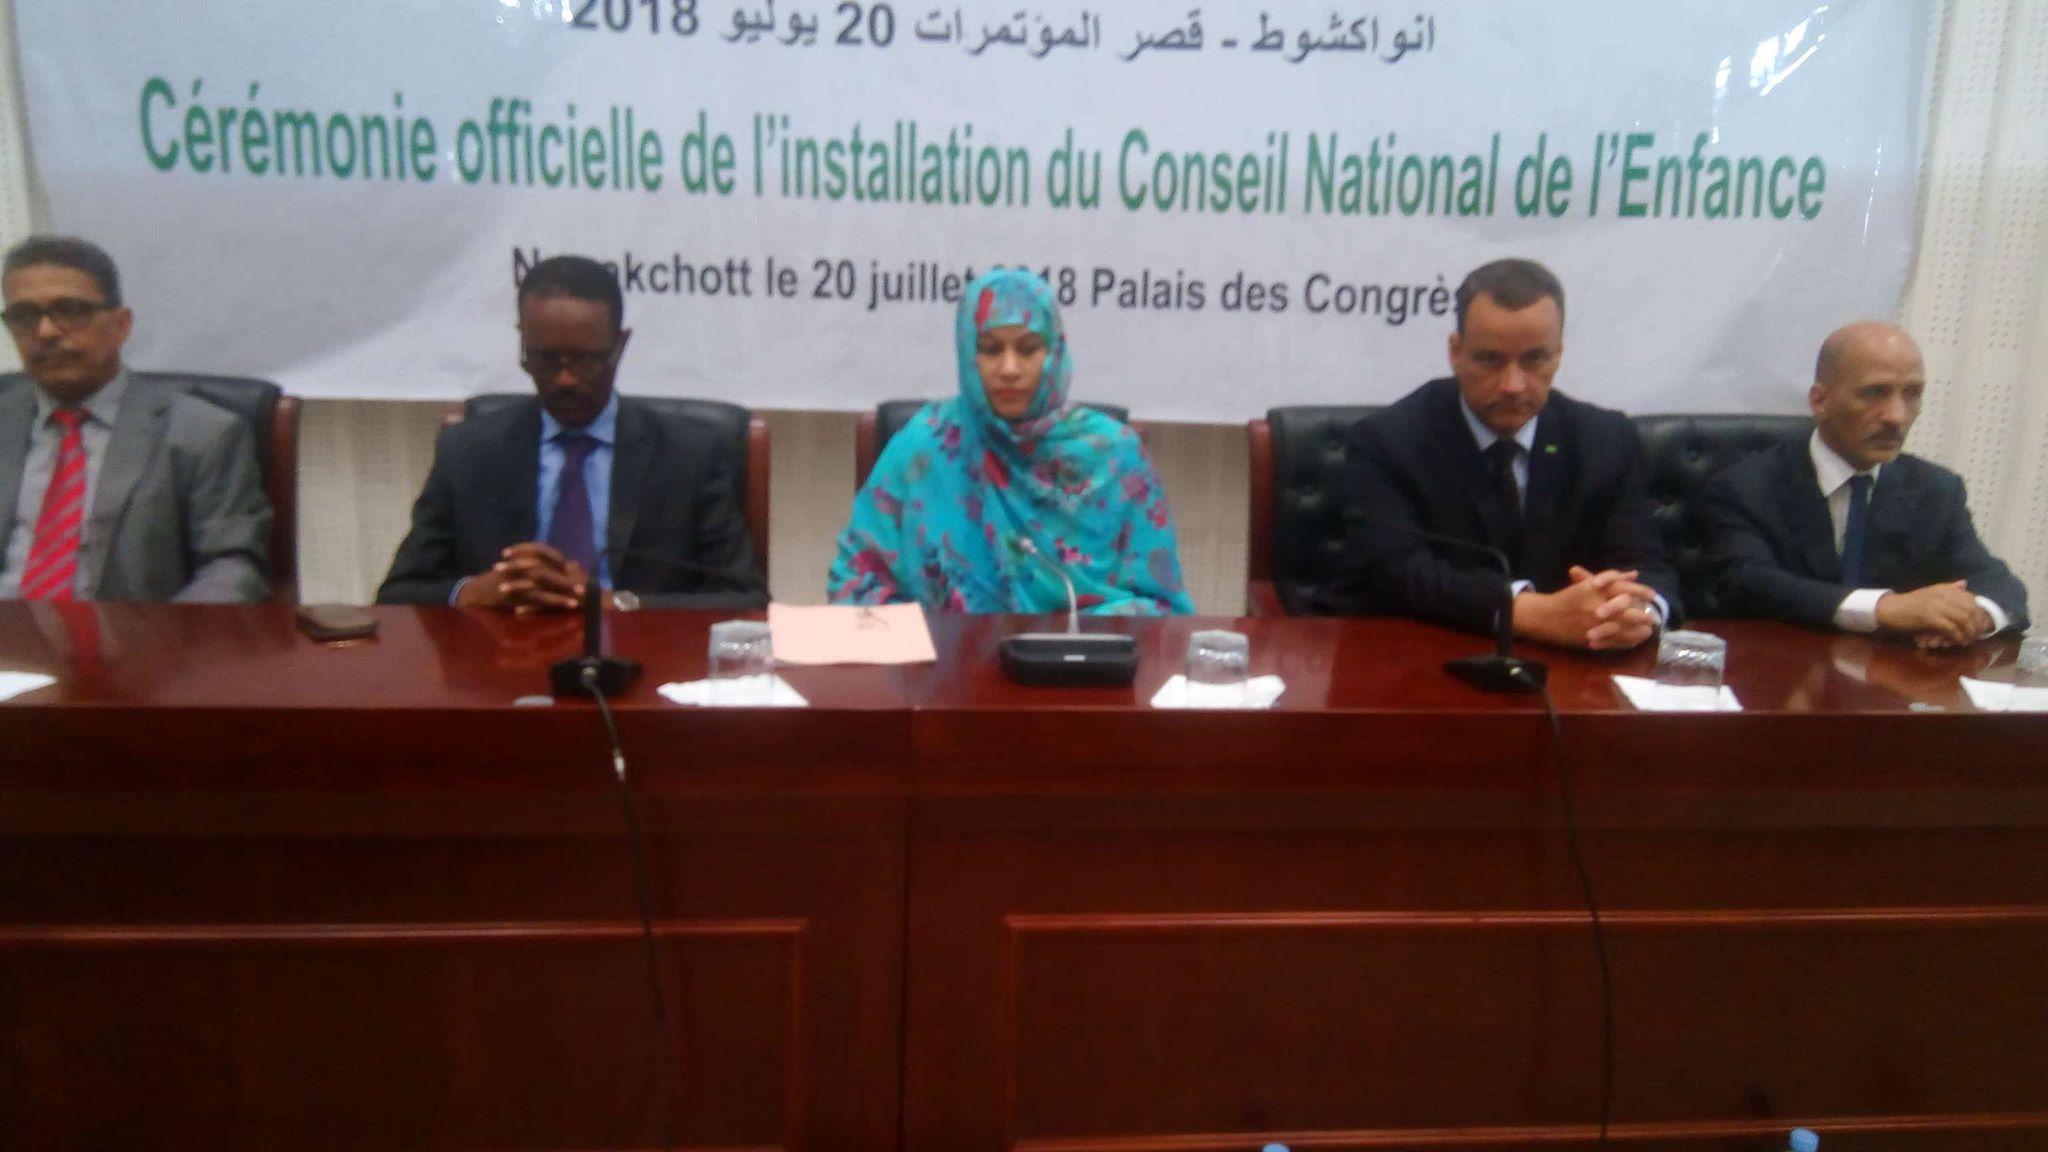 وزيرة الشؤون الاجتماعية وعدد من أعضاء الحكومة خلال حفل تنصيب المجلس اليوم بقصر المؤتمرات